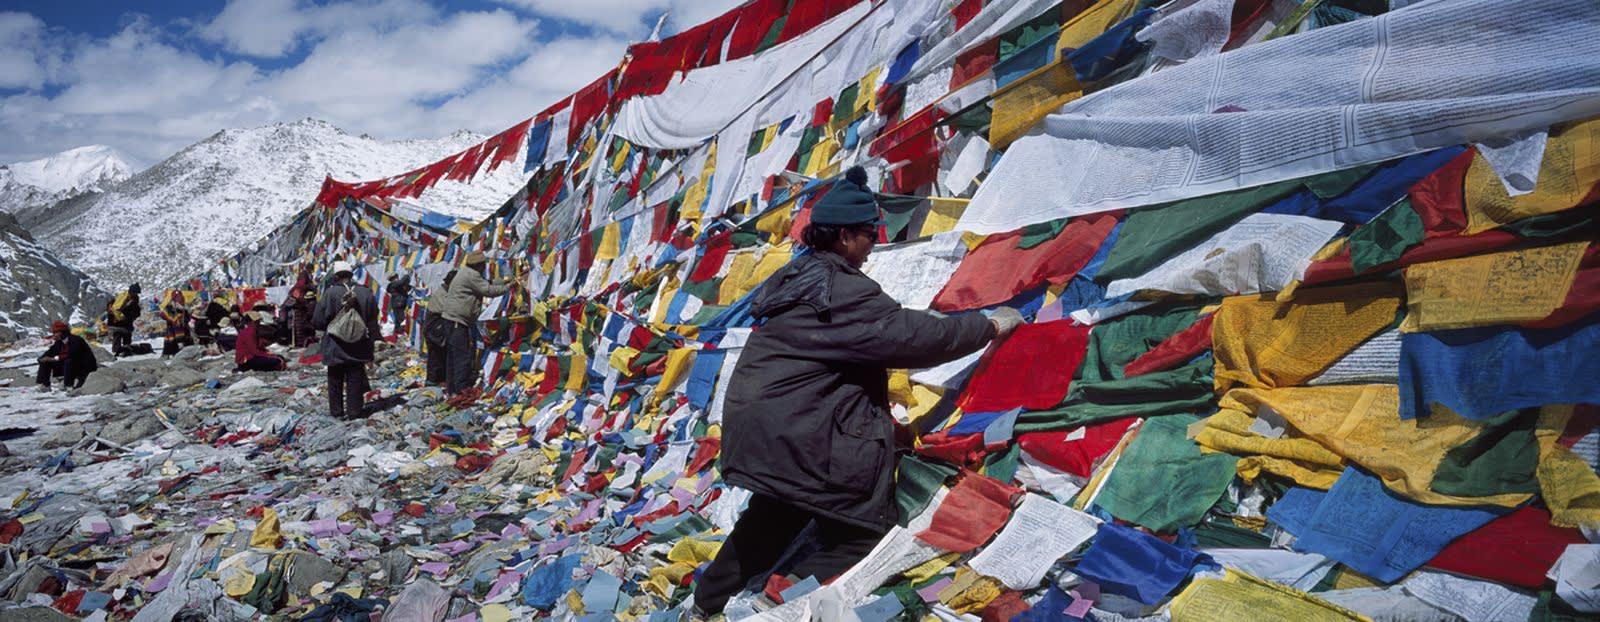 Matjaž Krivic, Mt. Kailash, Tibet